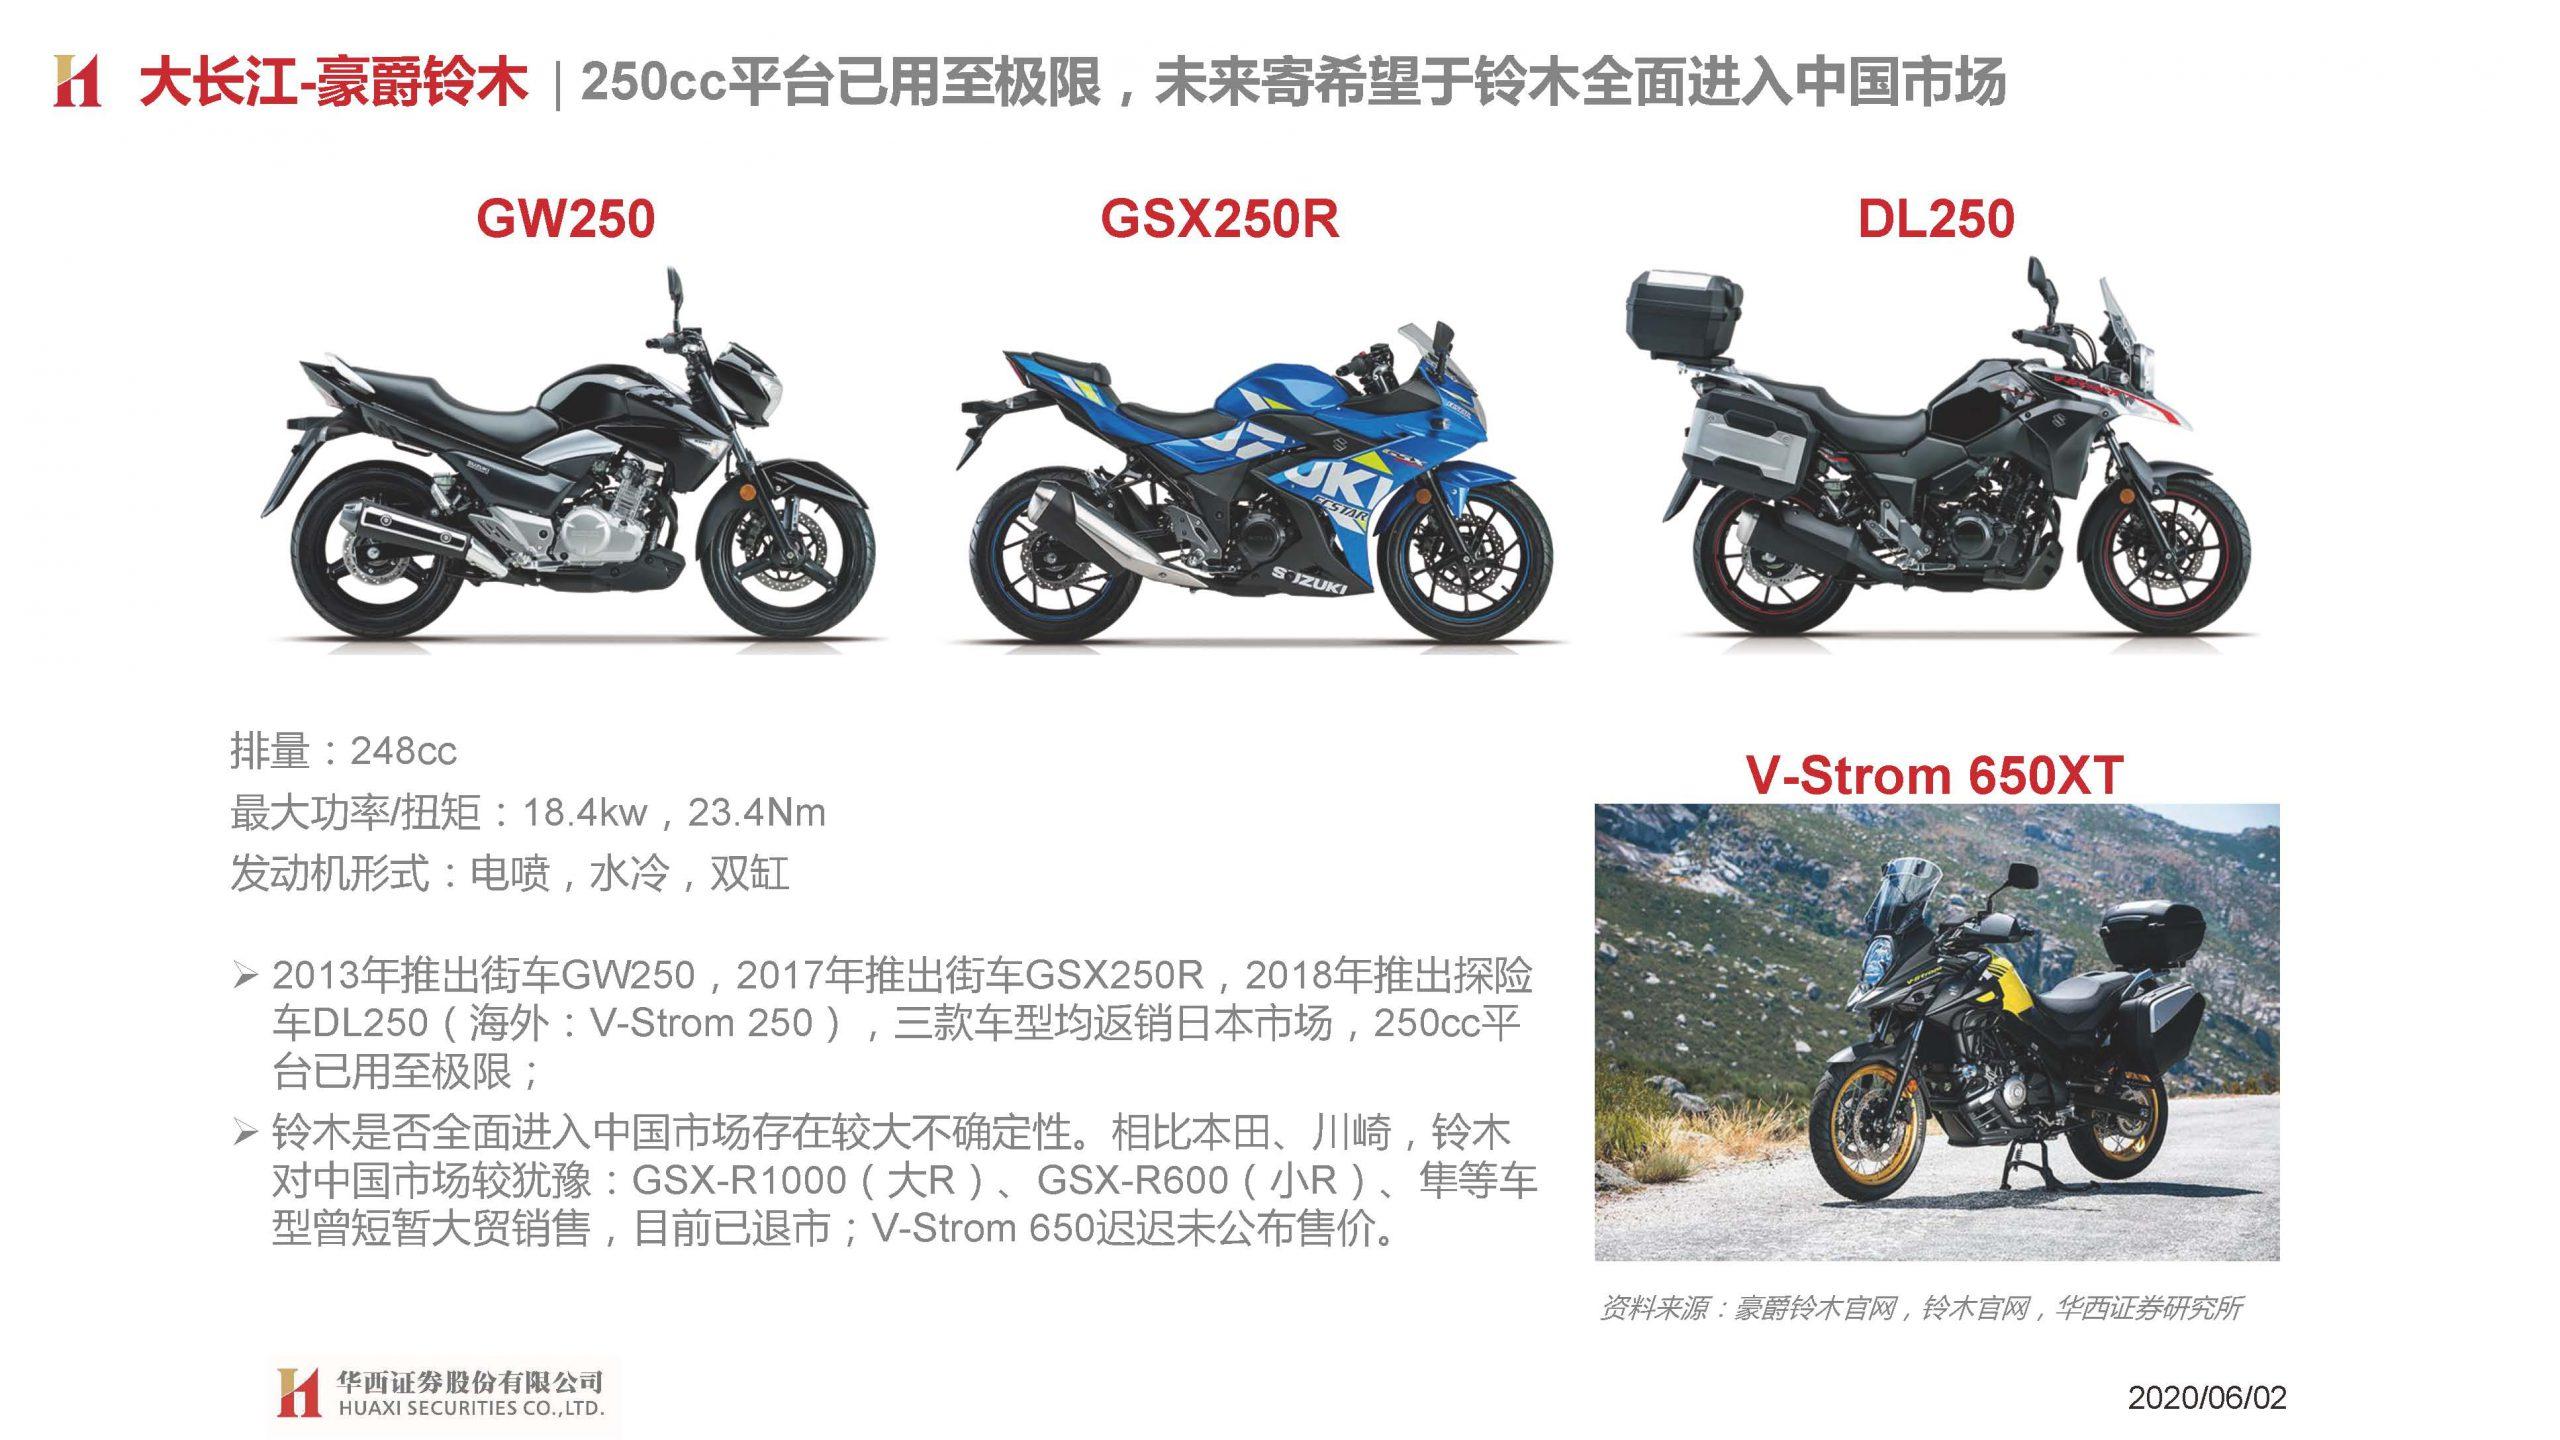 大数据研究报告,华西证券-摩托车行业报告:摩托车,消费升级新方向!